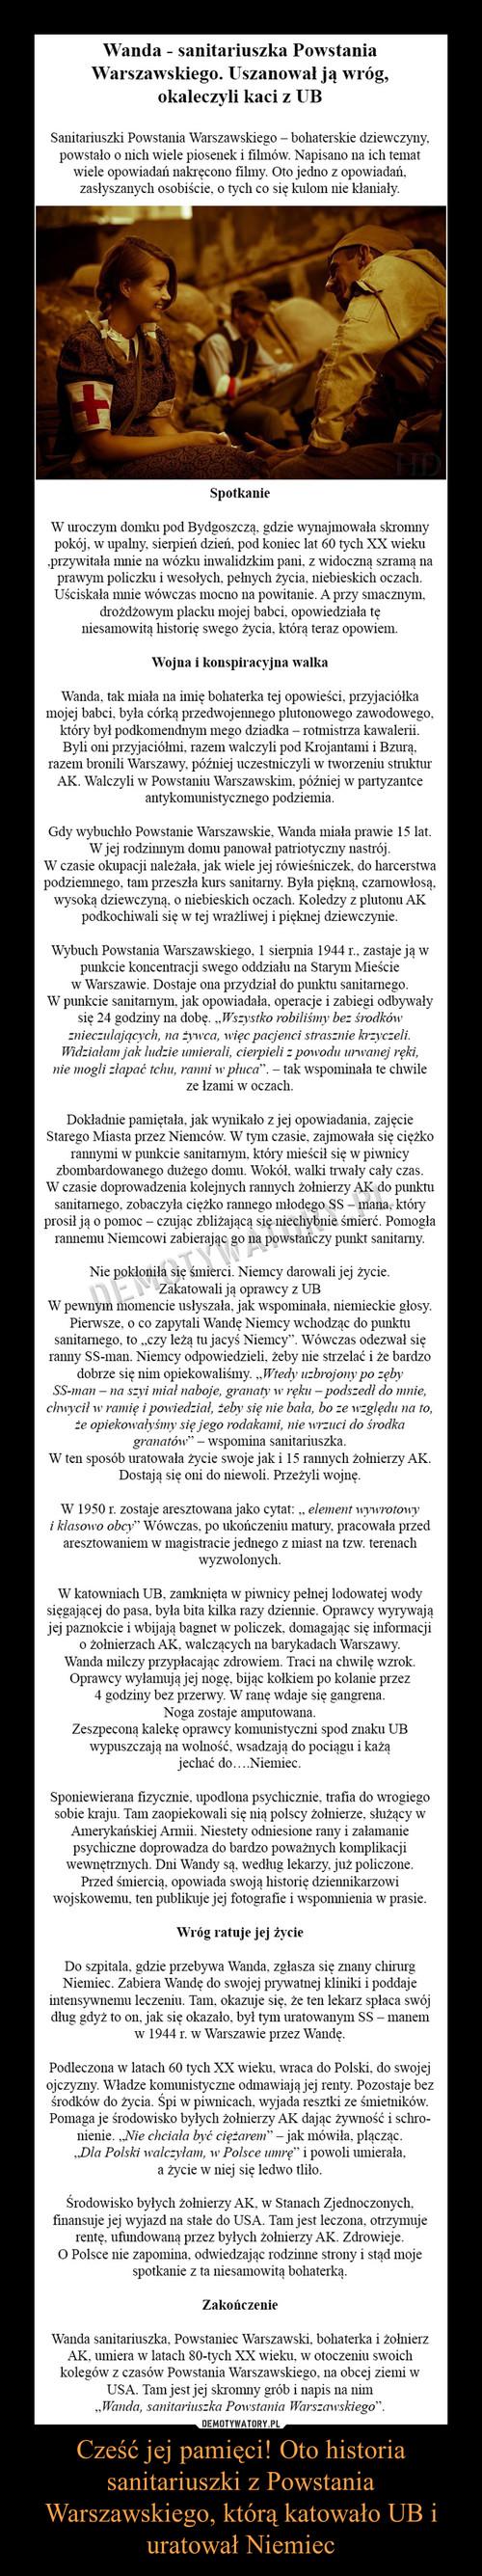 Cześć jej pamięci! Oto historia sanitariuszki z Powstania Warszawskiego, którą katowało UB i uratował Niemiec